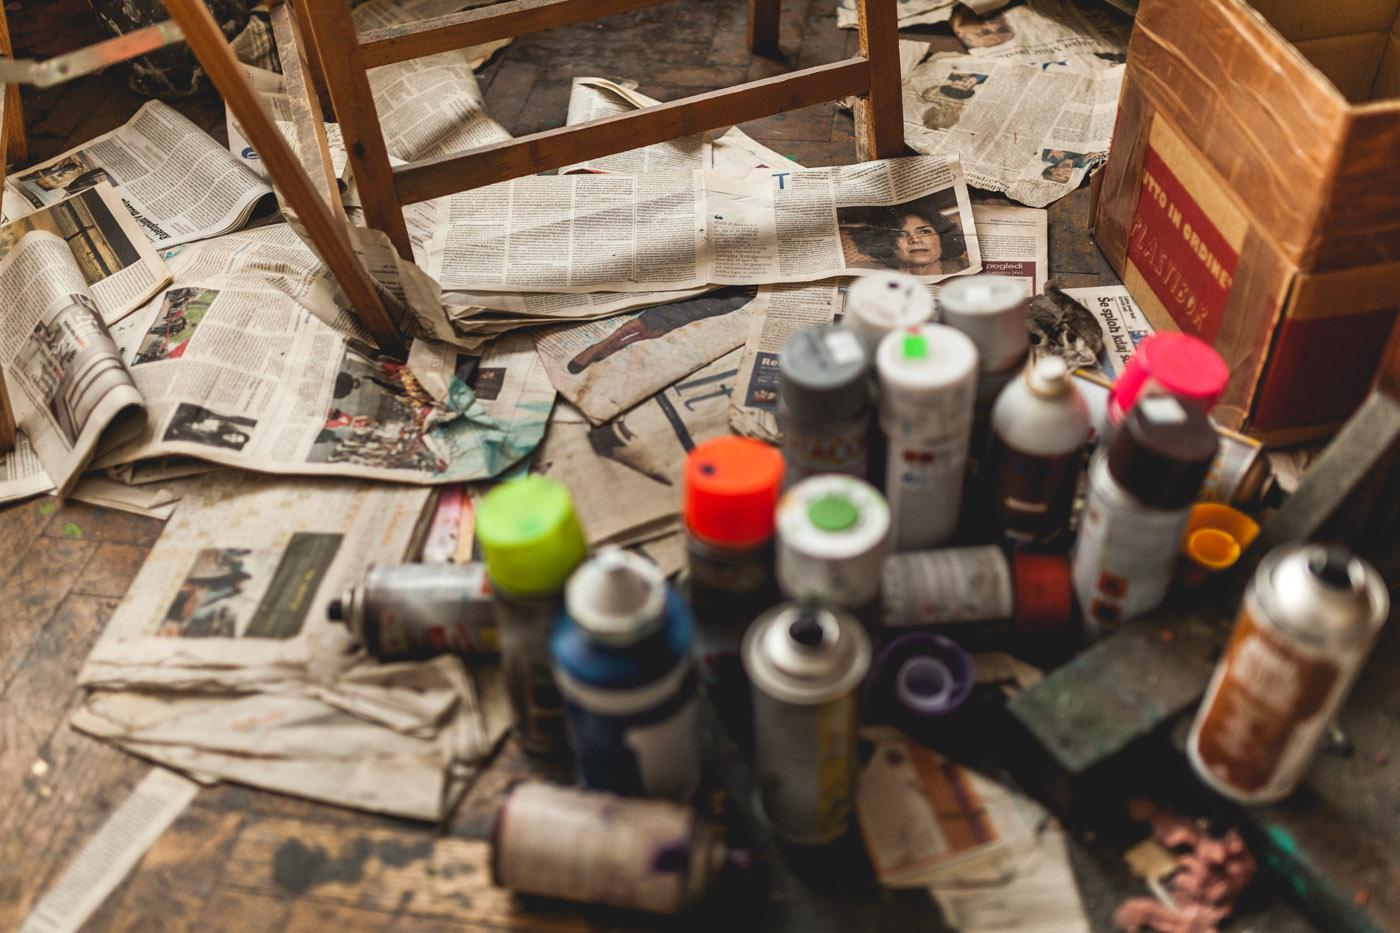 dejan_bulut_jeraj-studio-19.jpg